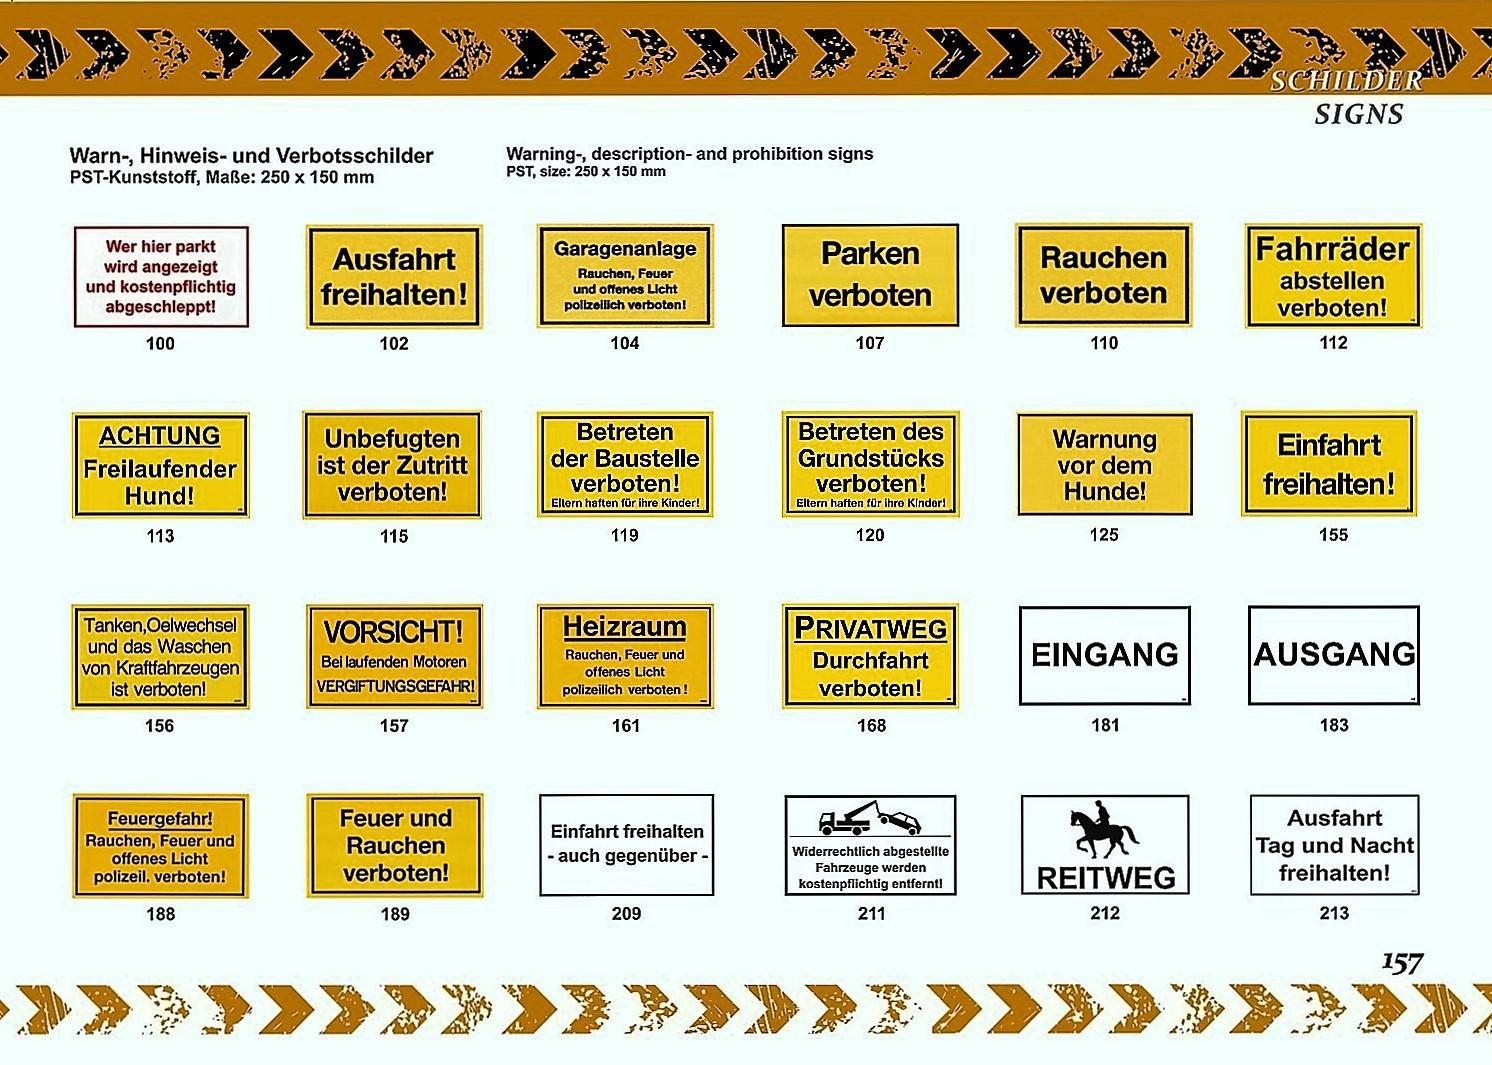 Betreten des Grundstücks verboten! Eltern haften für ihre Kinder! 150 x 250 mm Warn- Hinweis- und Verbotsschild PST-Kunststoff – Bild 4